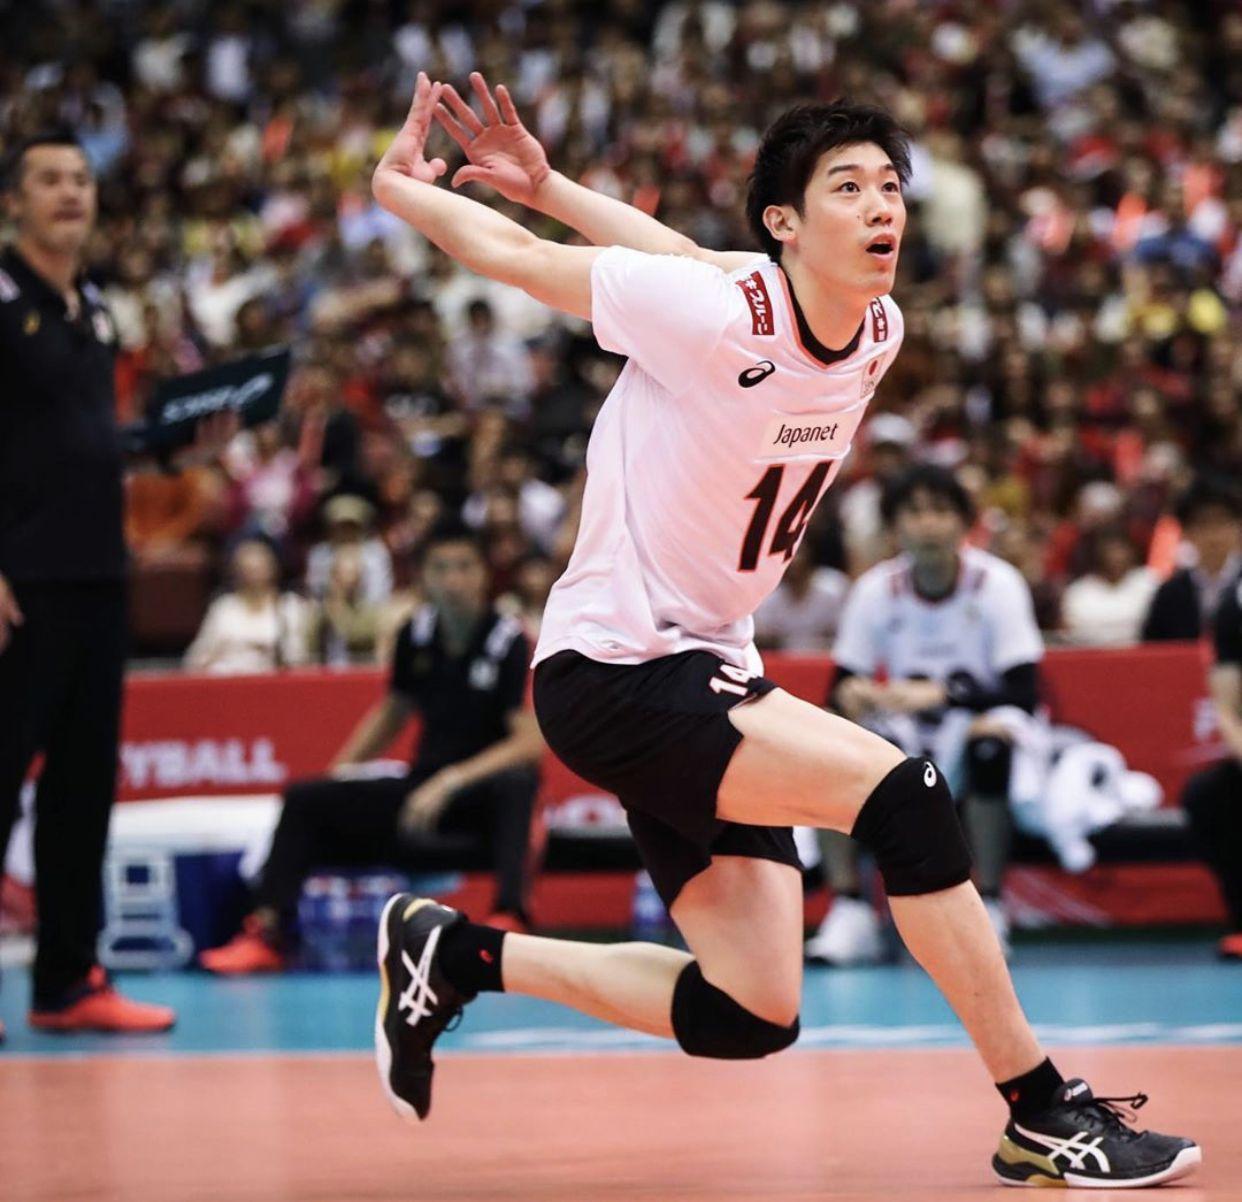 Pin By Anya Abramova On Yuki Ishikawa Human Poses Reference Volleyball Poses Body Poses